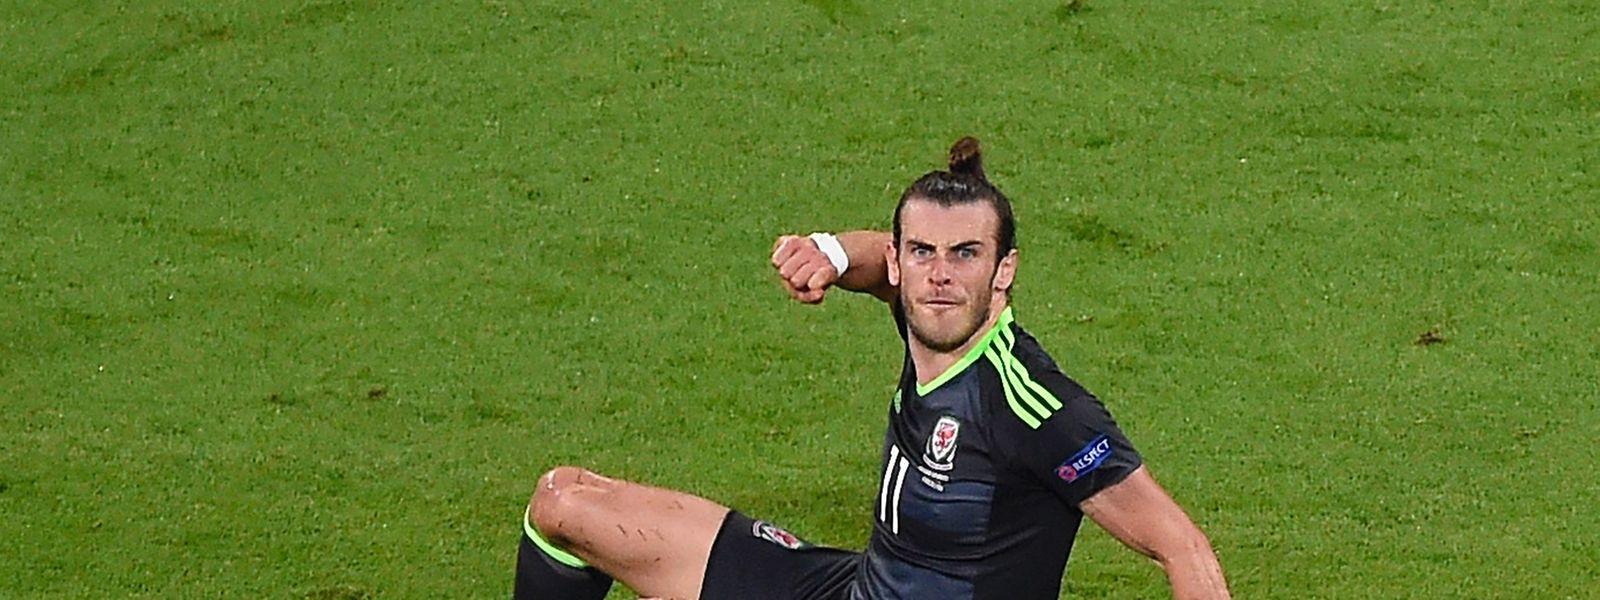 Im Duell der beiden Spieler von Real Madrid musste Gareth Bale (am Boden) Cristiano Ronaldo den Vortritt überlassen.